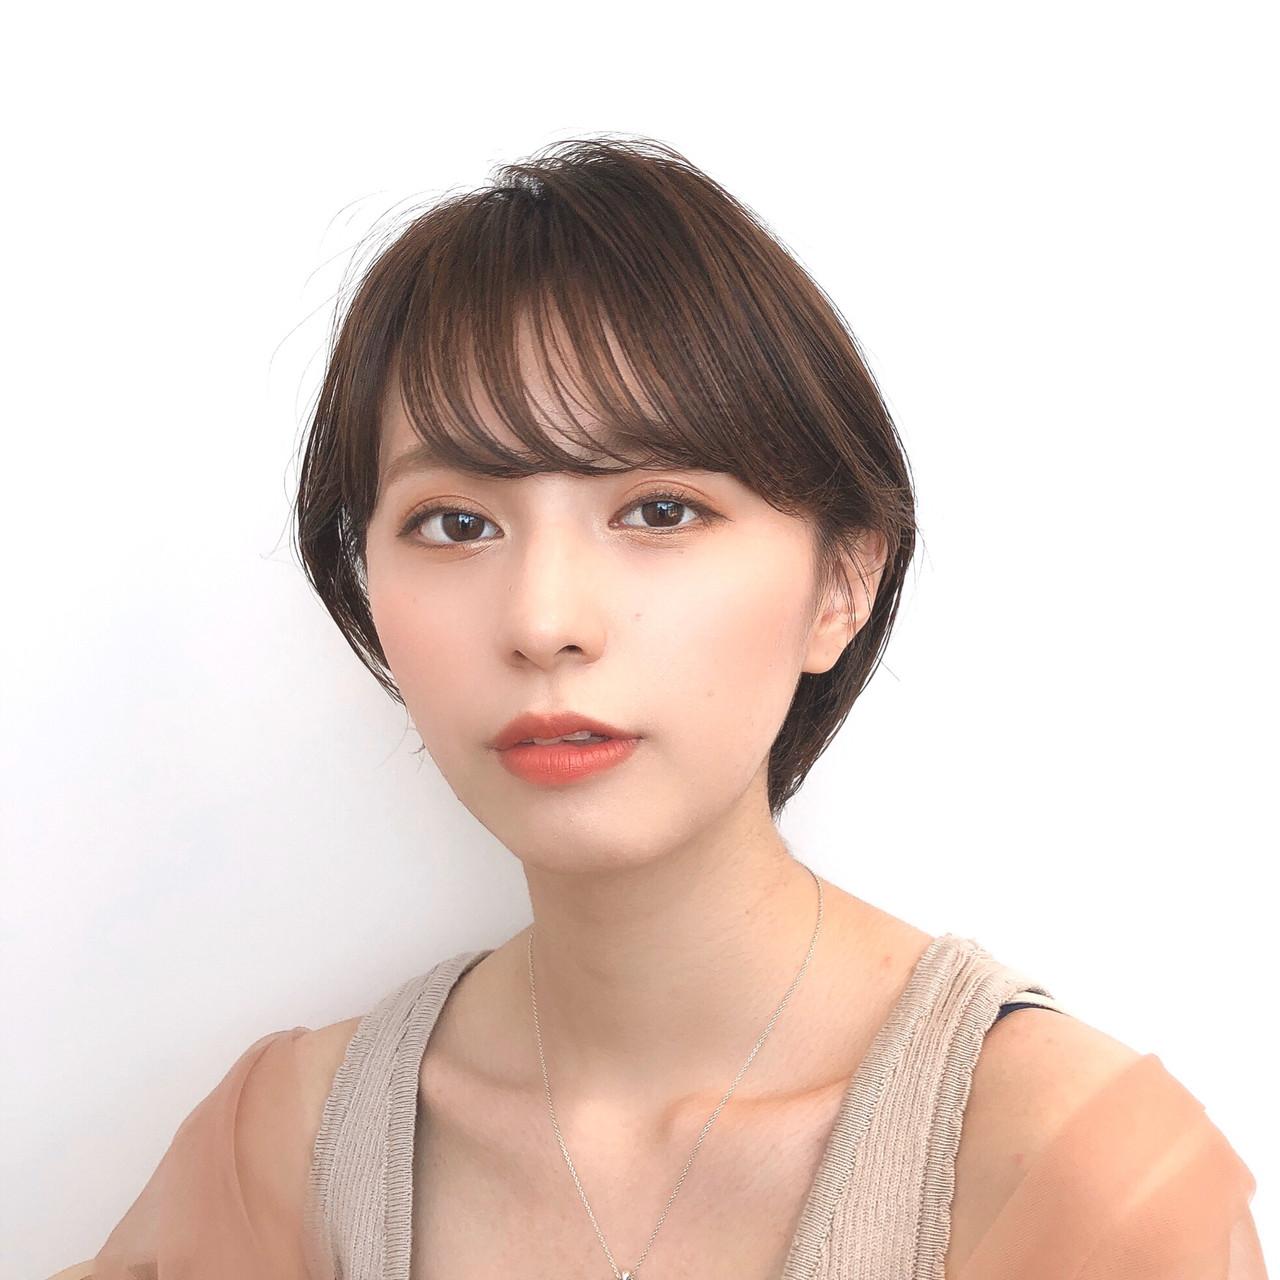 【面長・丸顔】40代女性にしてほしい♡お悩み解消&お手入れ簡単ショートヘア